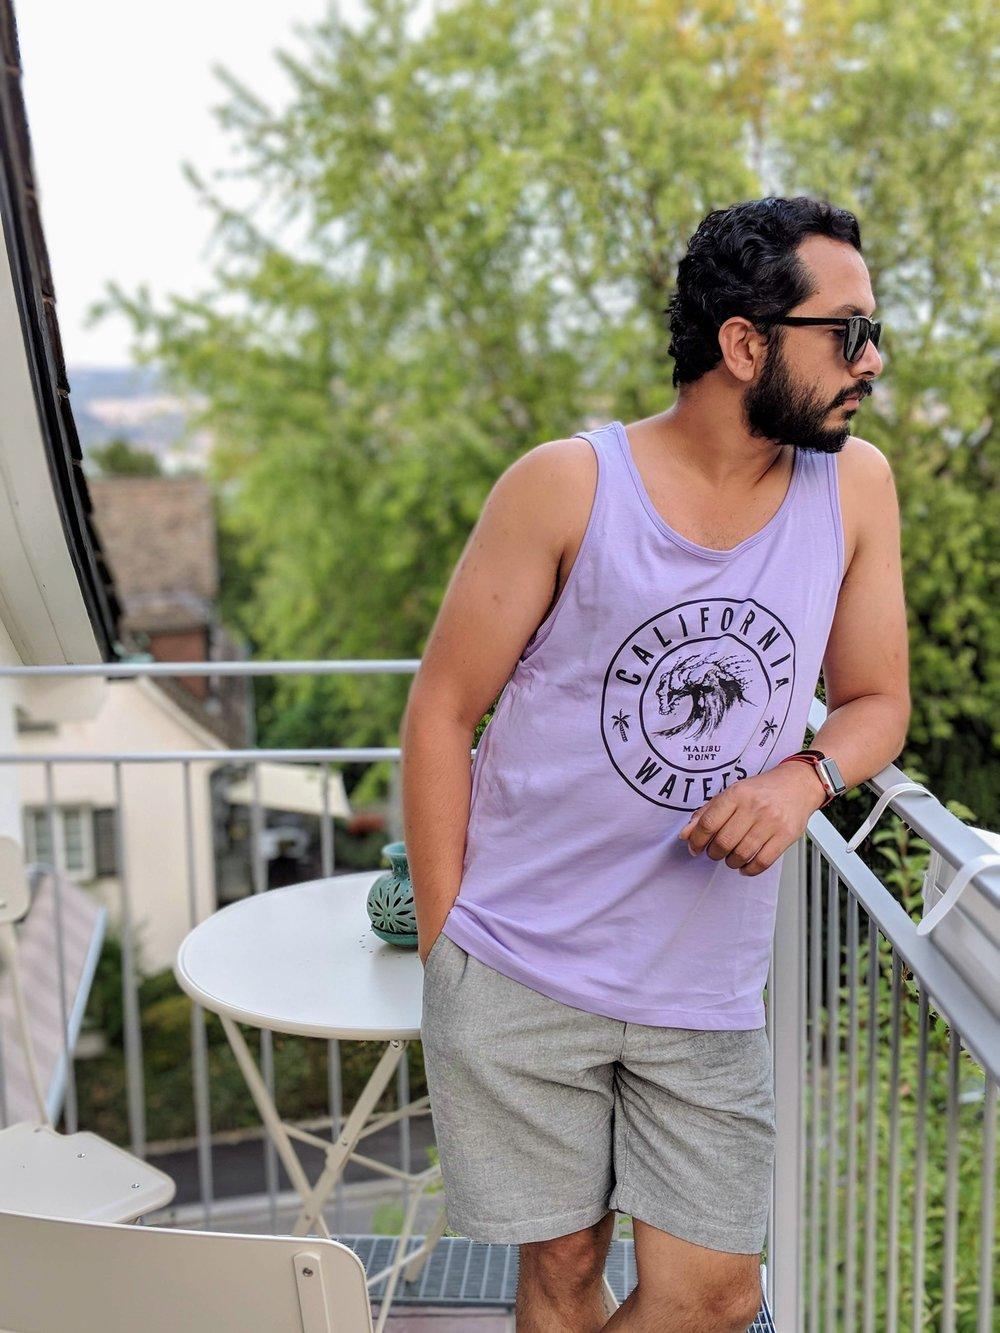 Summer in Zurich